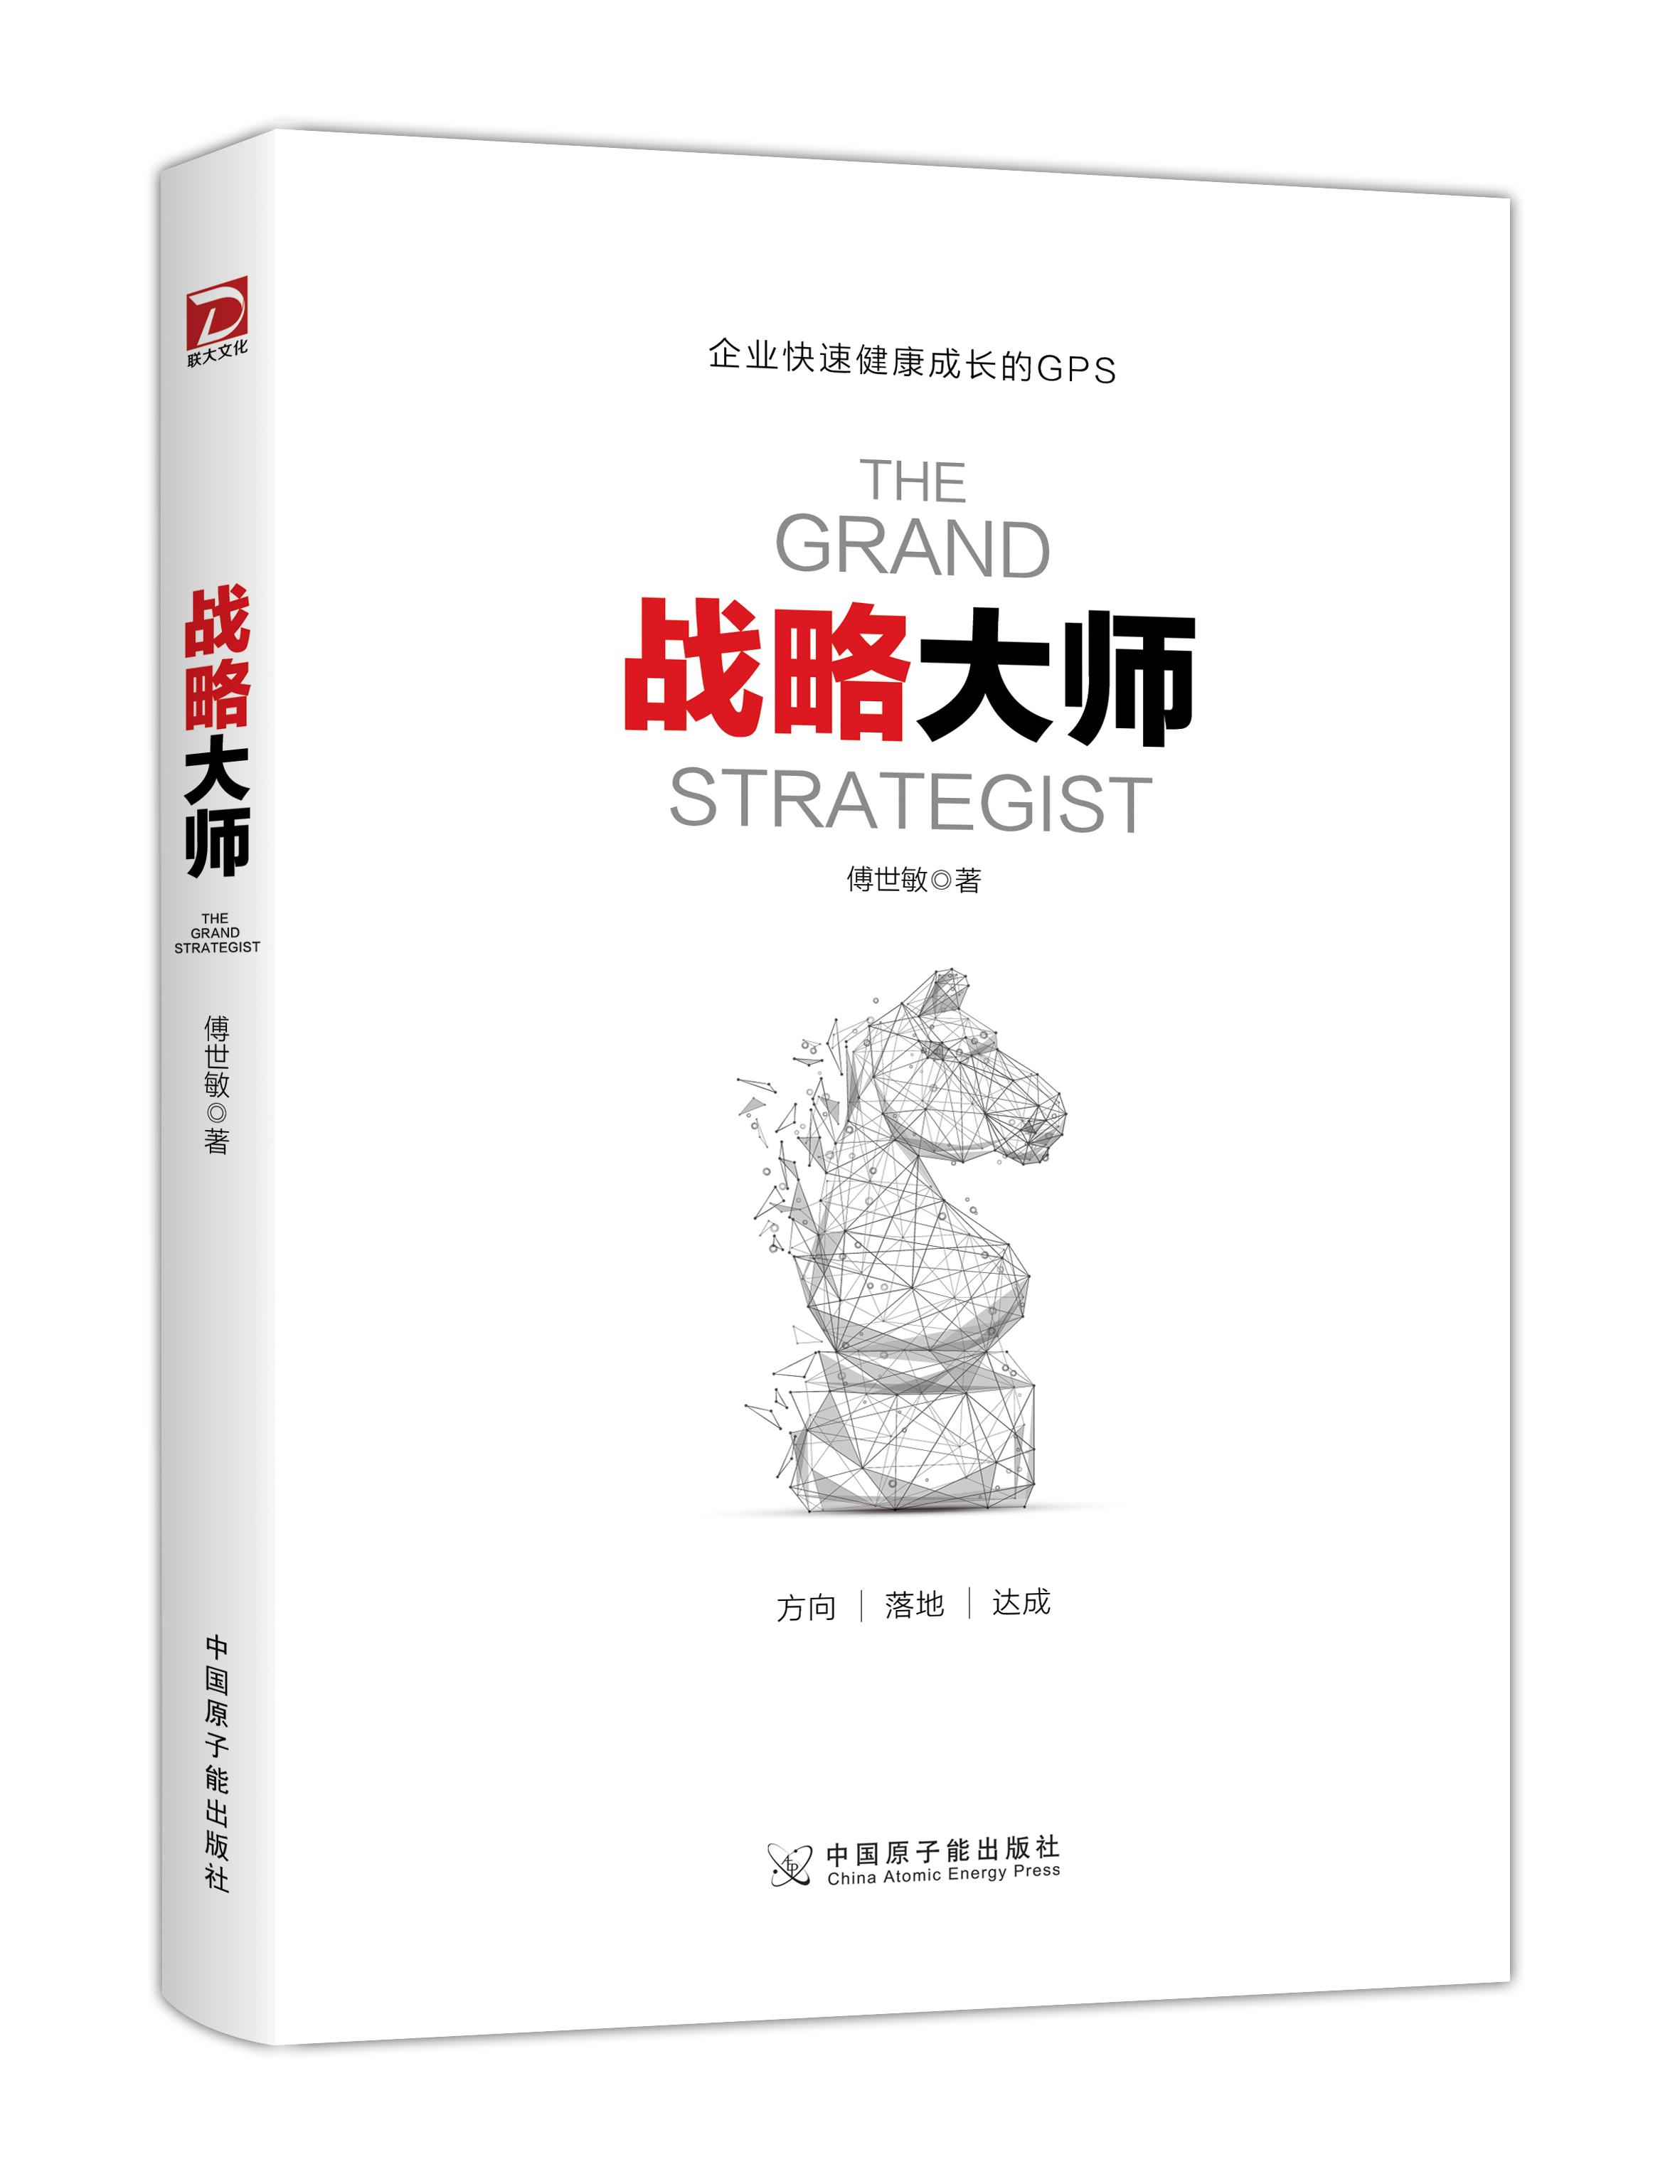 《战略大师》题记:未来十年,企业如何超越价格战发展